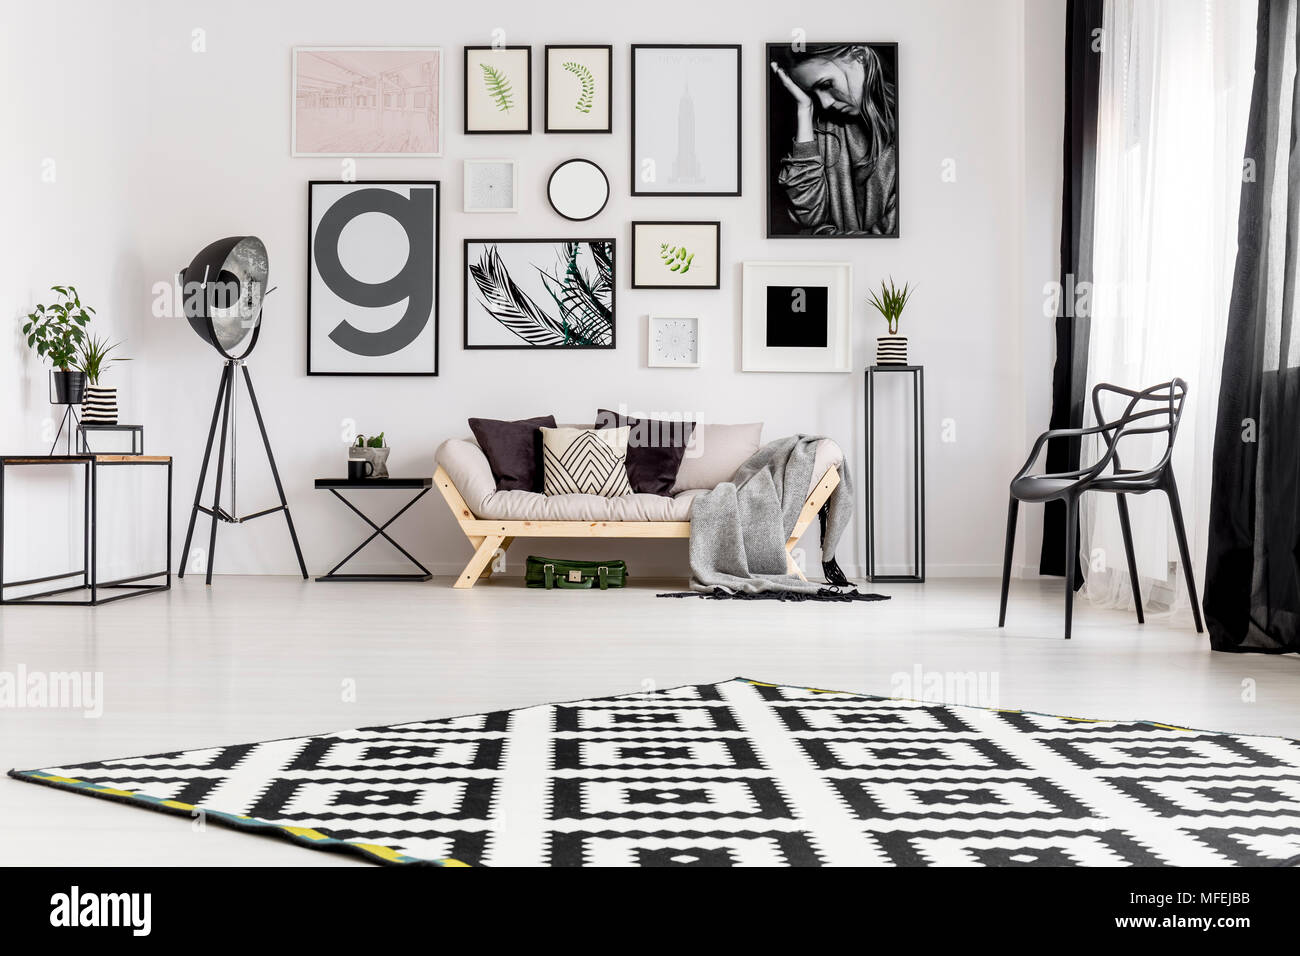 Pareti Con Foto In Bianco E Nero : Bianco e nero tappeto in scandi salotto interno con divano contro